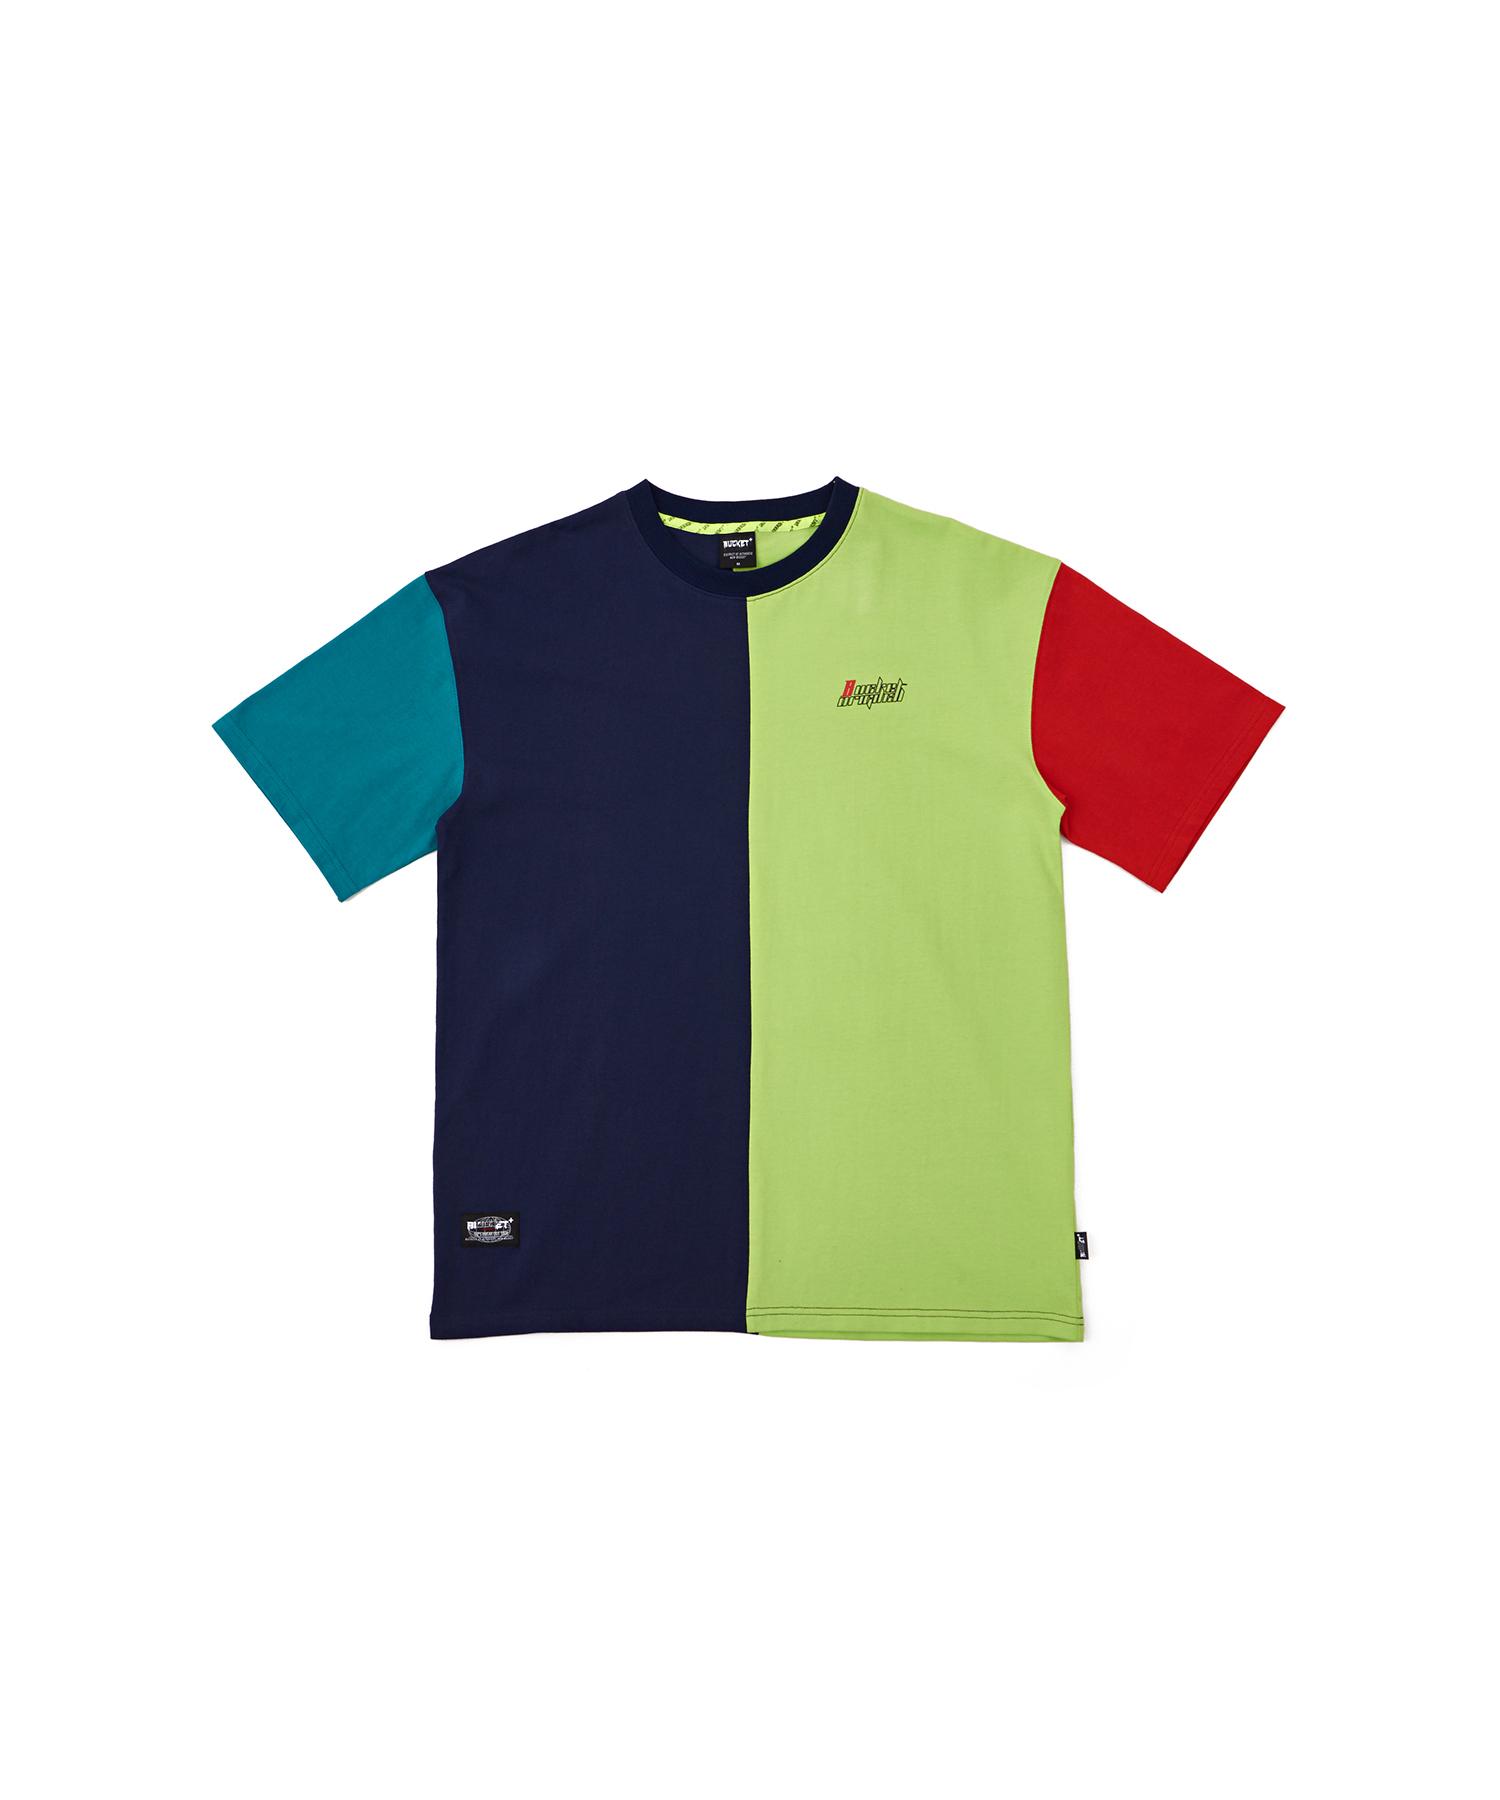 버켓 블로킹 로고 반팔 티셔츠